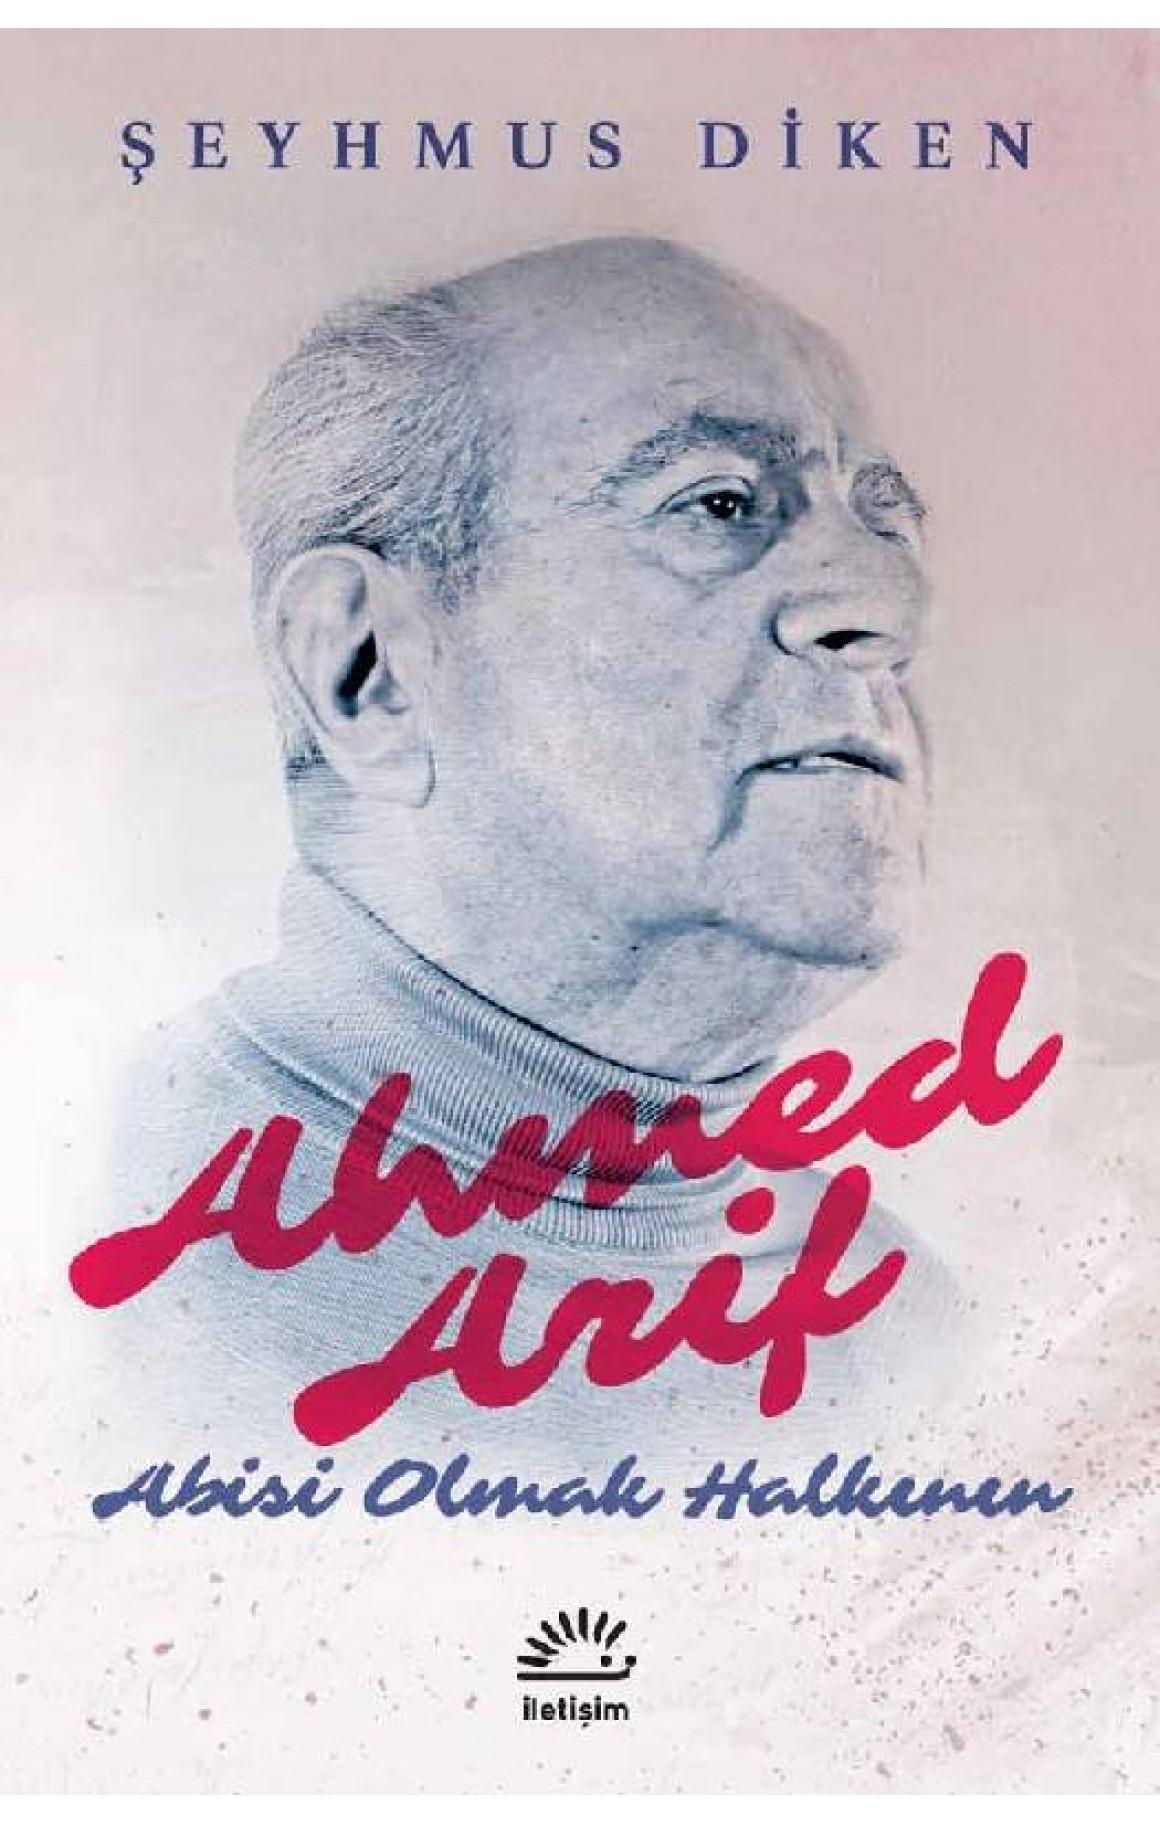 Ahmed Arif - Abisi Olmak Halkının